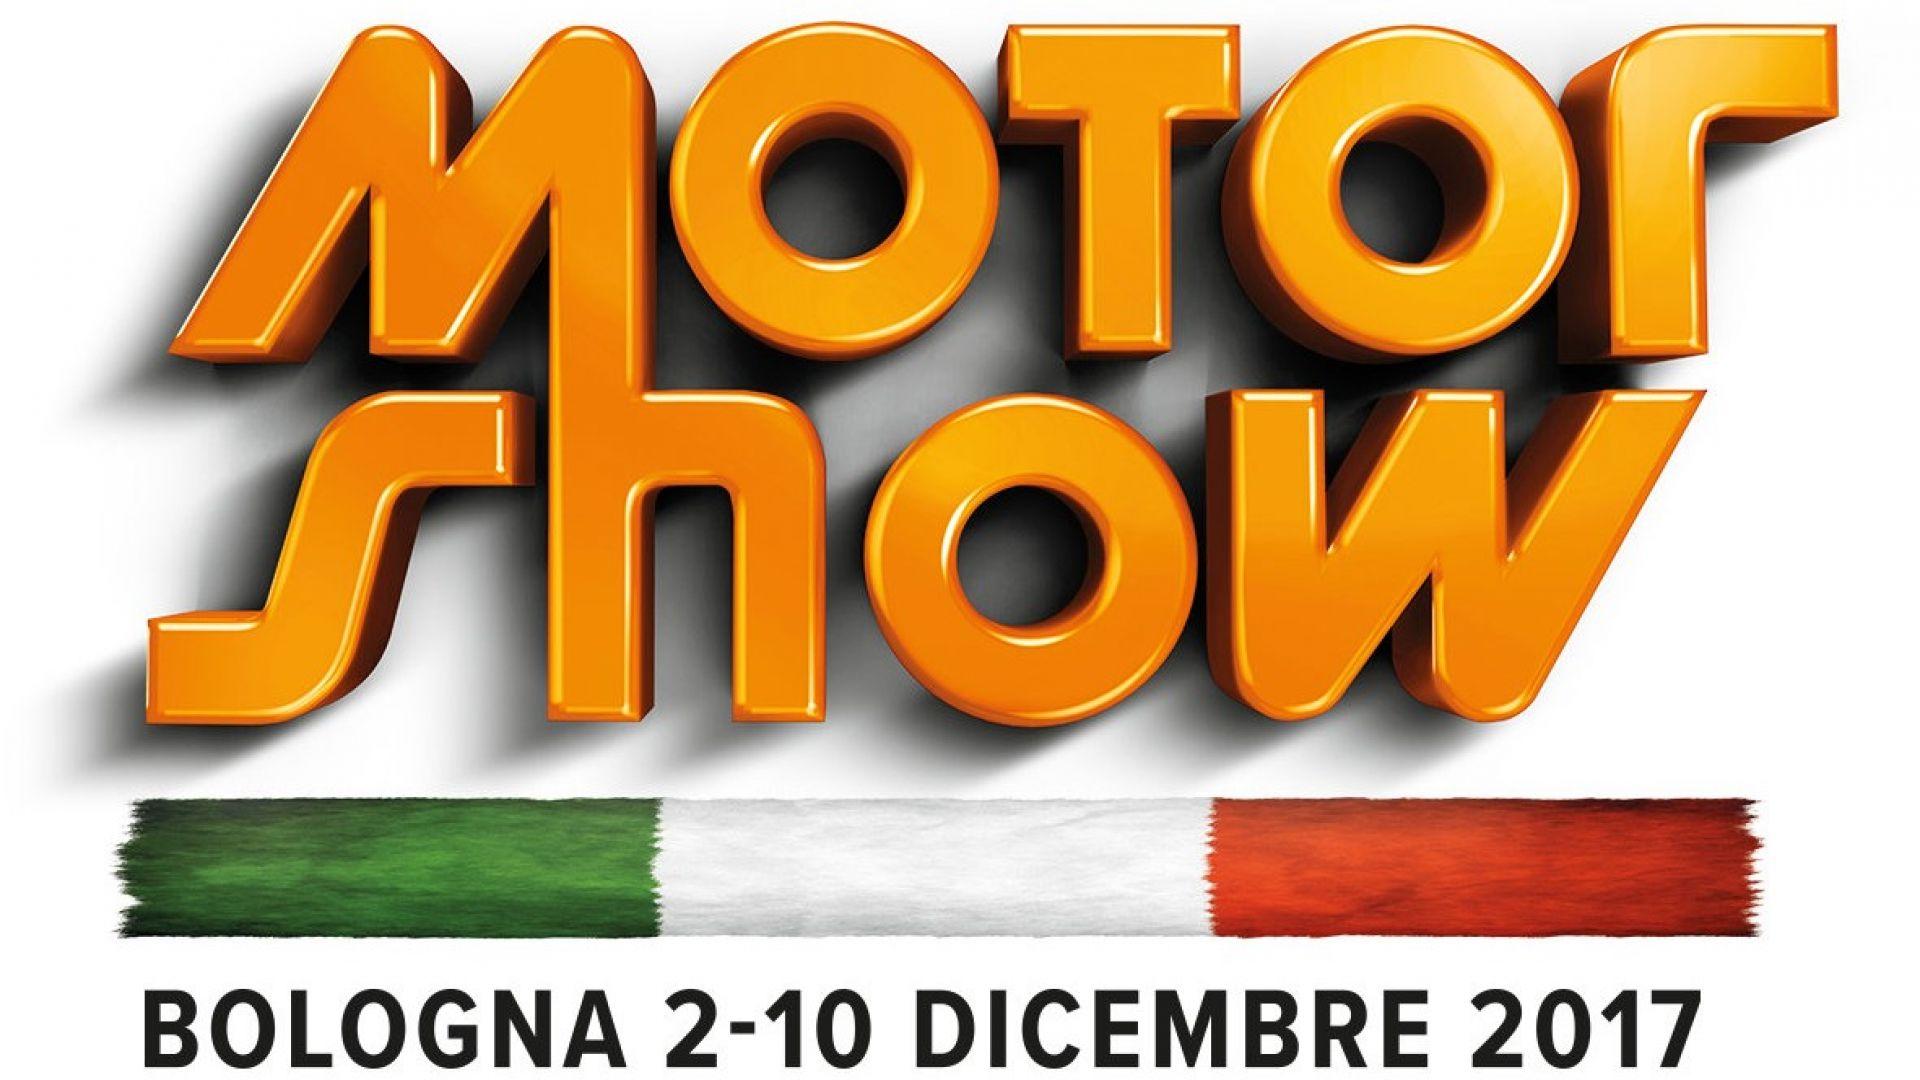 Motor show bologna 2017 programma biglietti prezzi info case auto motorbox - Casa prefabbricata prezzi 2017 ...